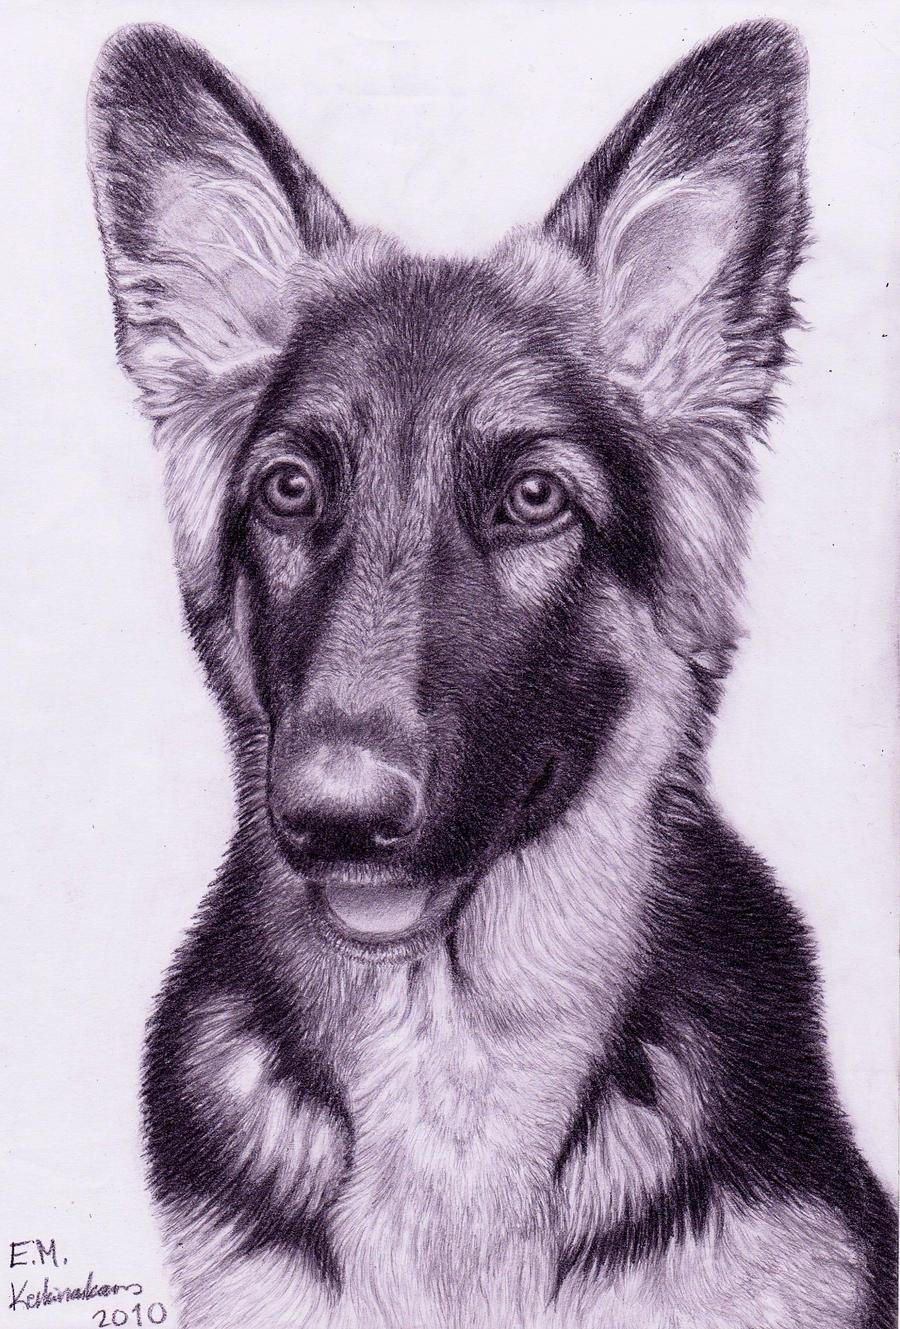 Abbey the German Shepherd pup by Elkenar